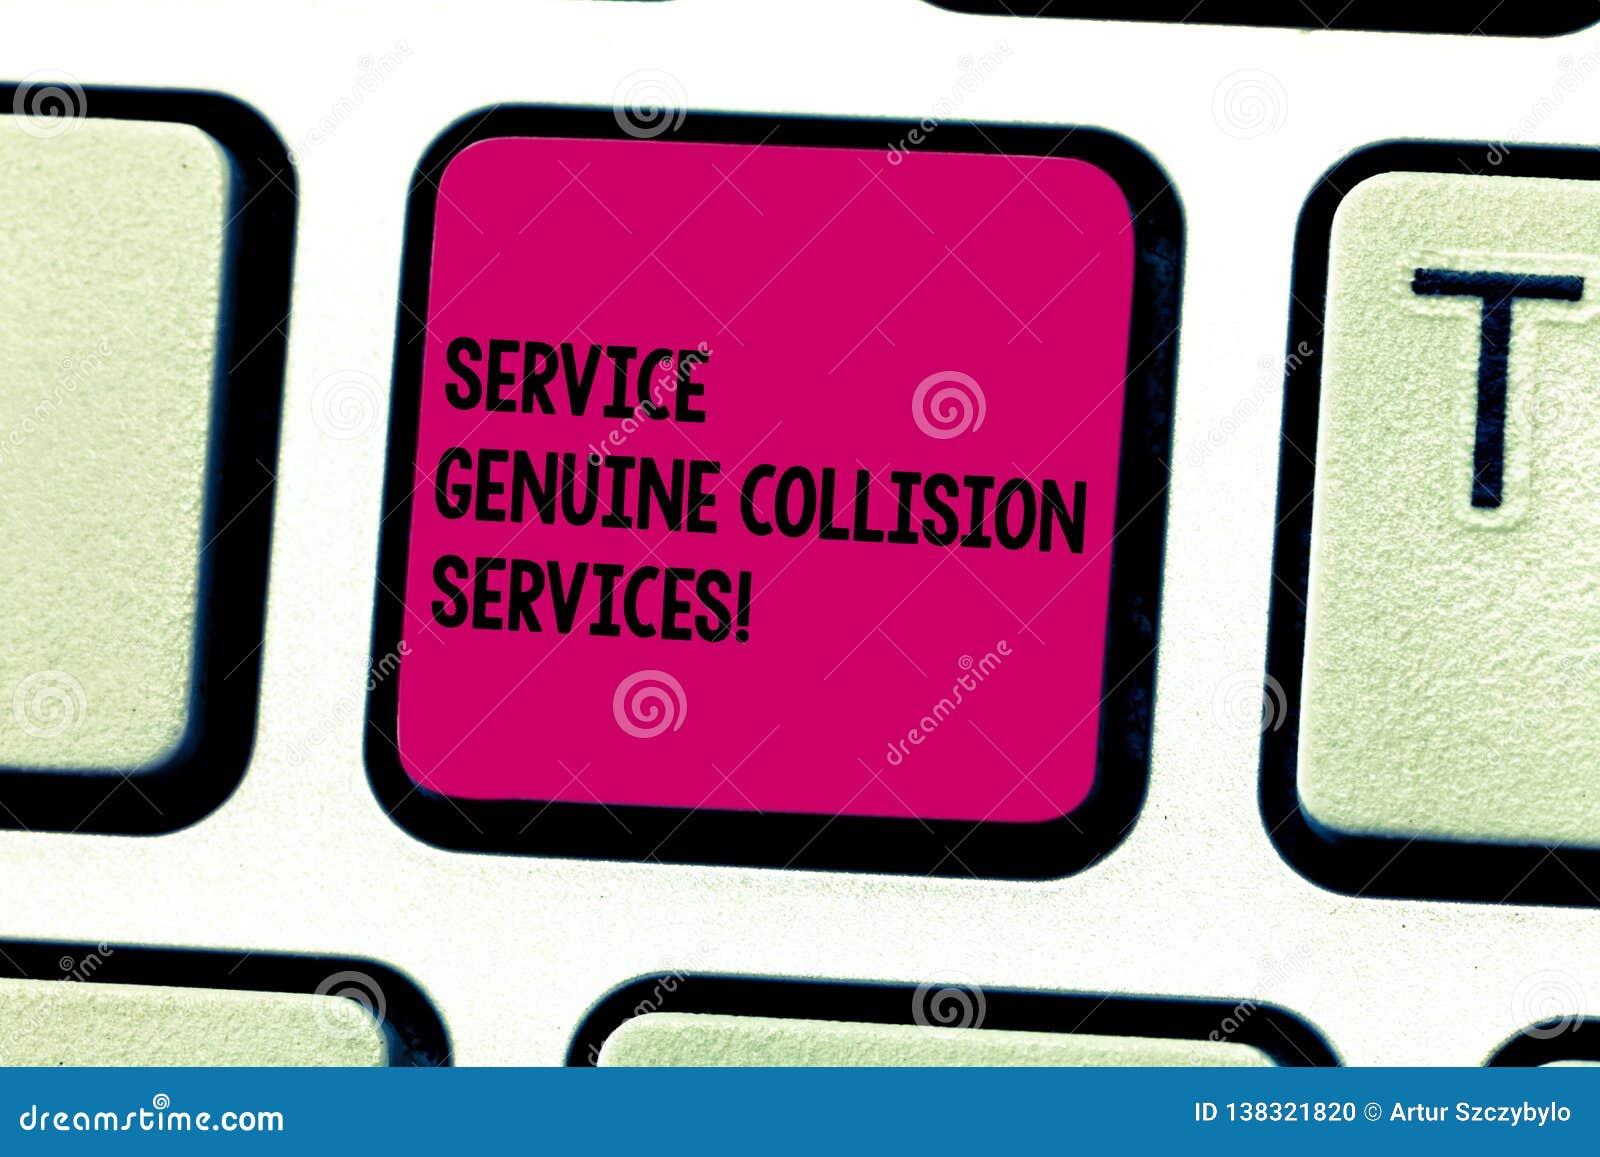 写文本服务真正碰撞服务的词 自动车祸好伟大的服务键盘的企业概念